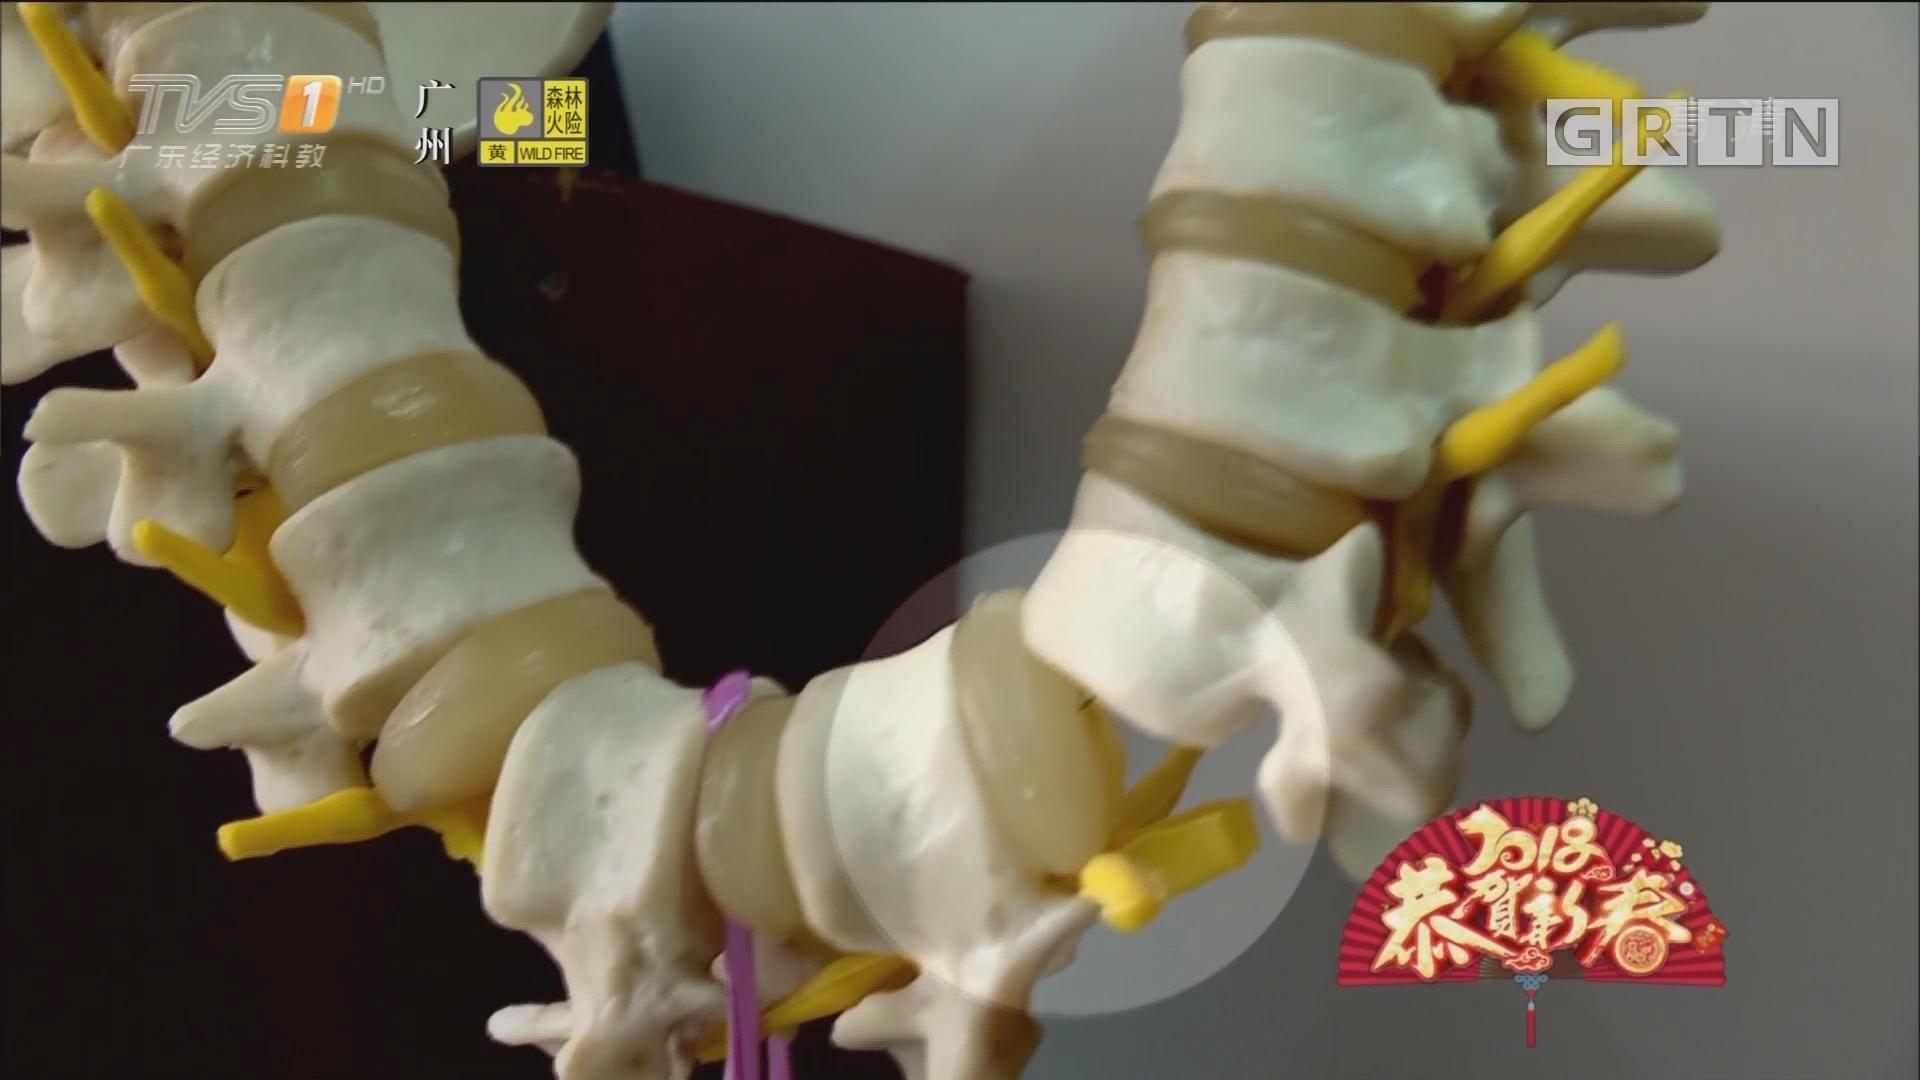 健康知多点:伸懒腰也能致瘫痪